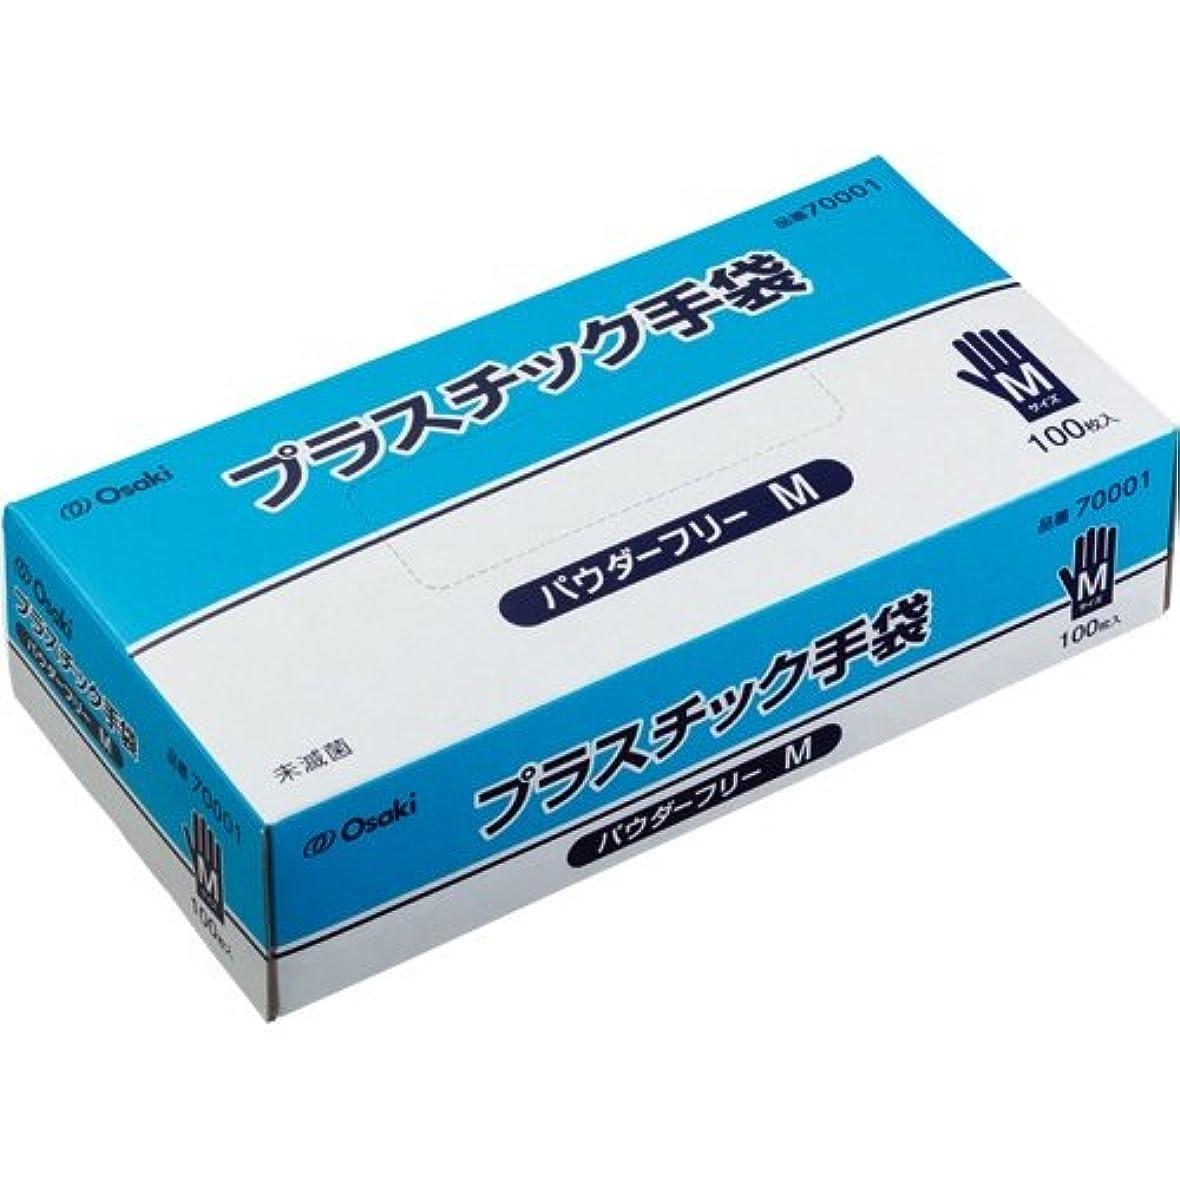 スキャンダルラケットカカドゥオオサキメディカル オオサキプラスチック手袋 パウダーフリー M 70001 1セット(2000枚:100枚×20箱)